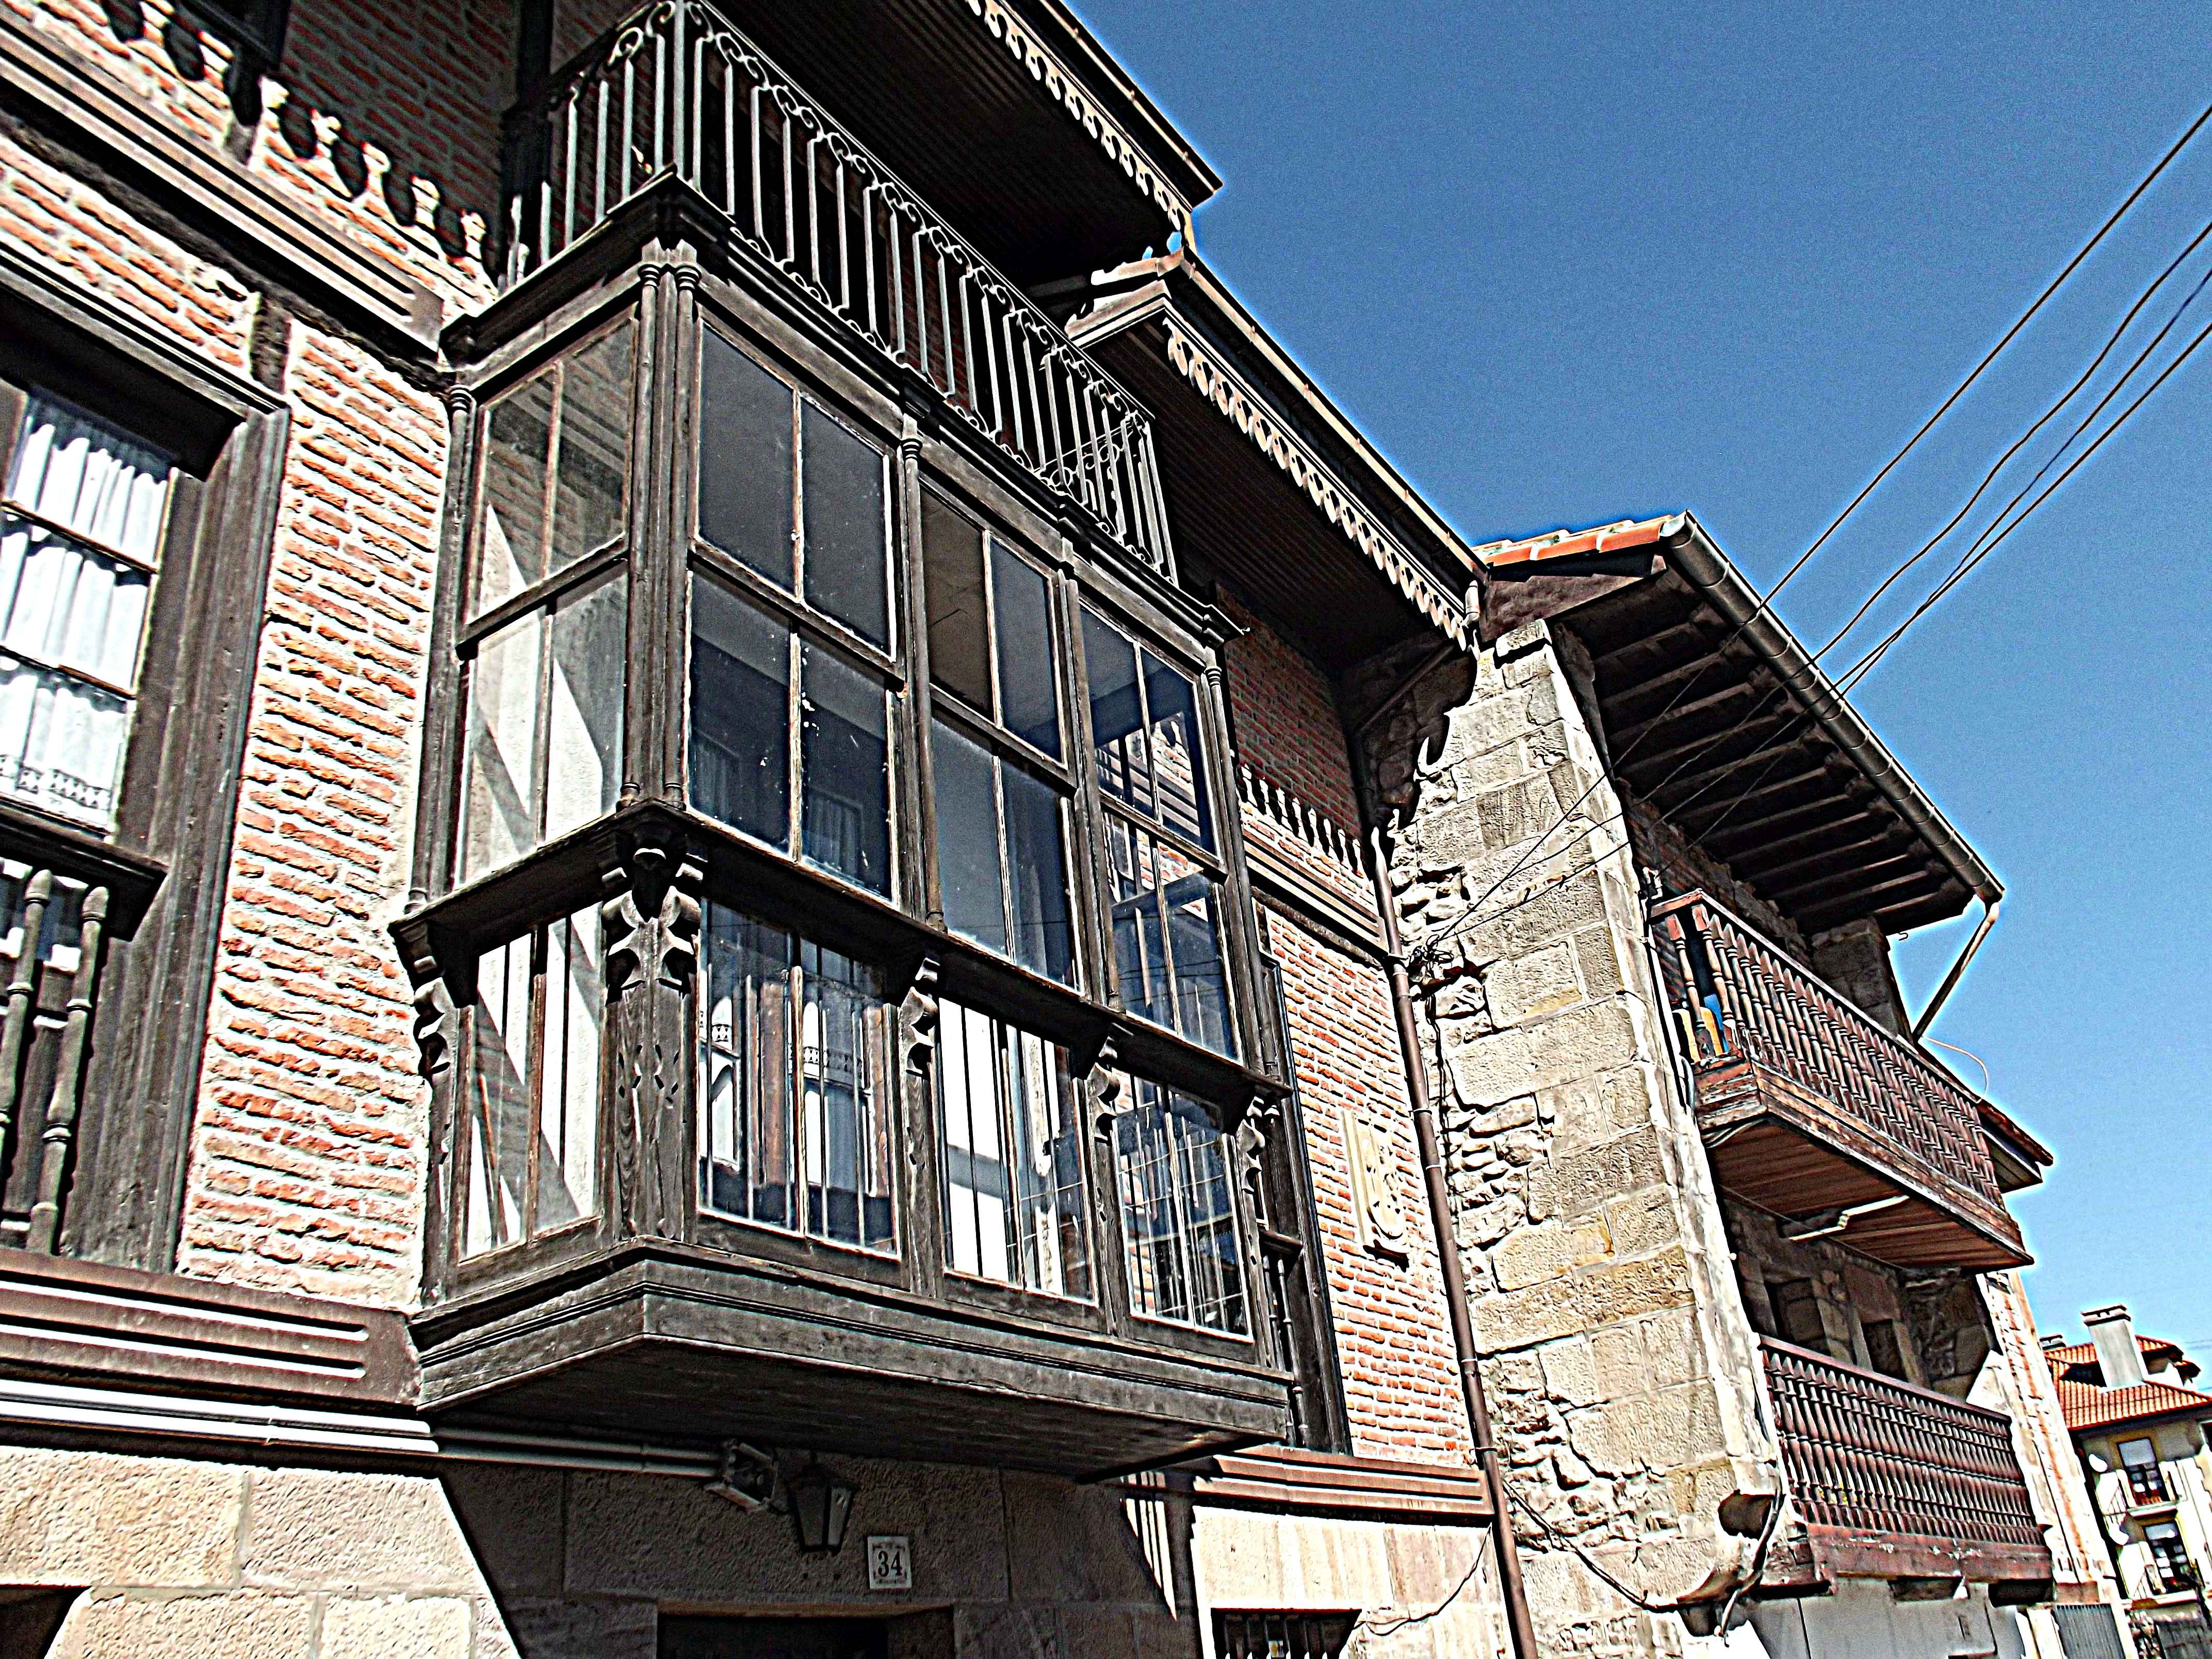 DSCF0220 Ruta por el Besaya (Cantabria) Rutas